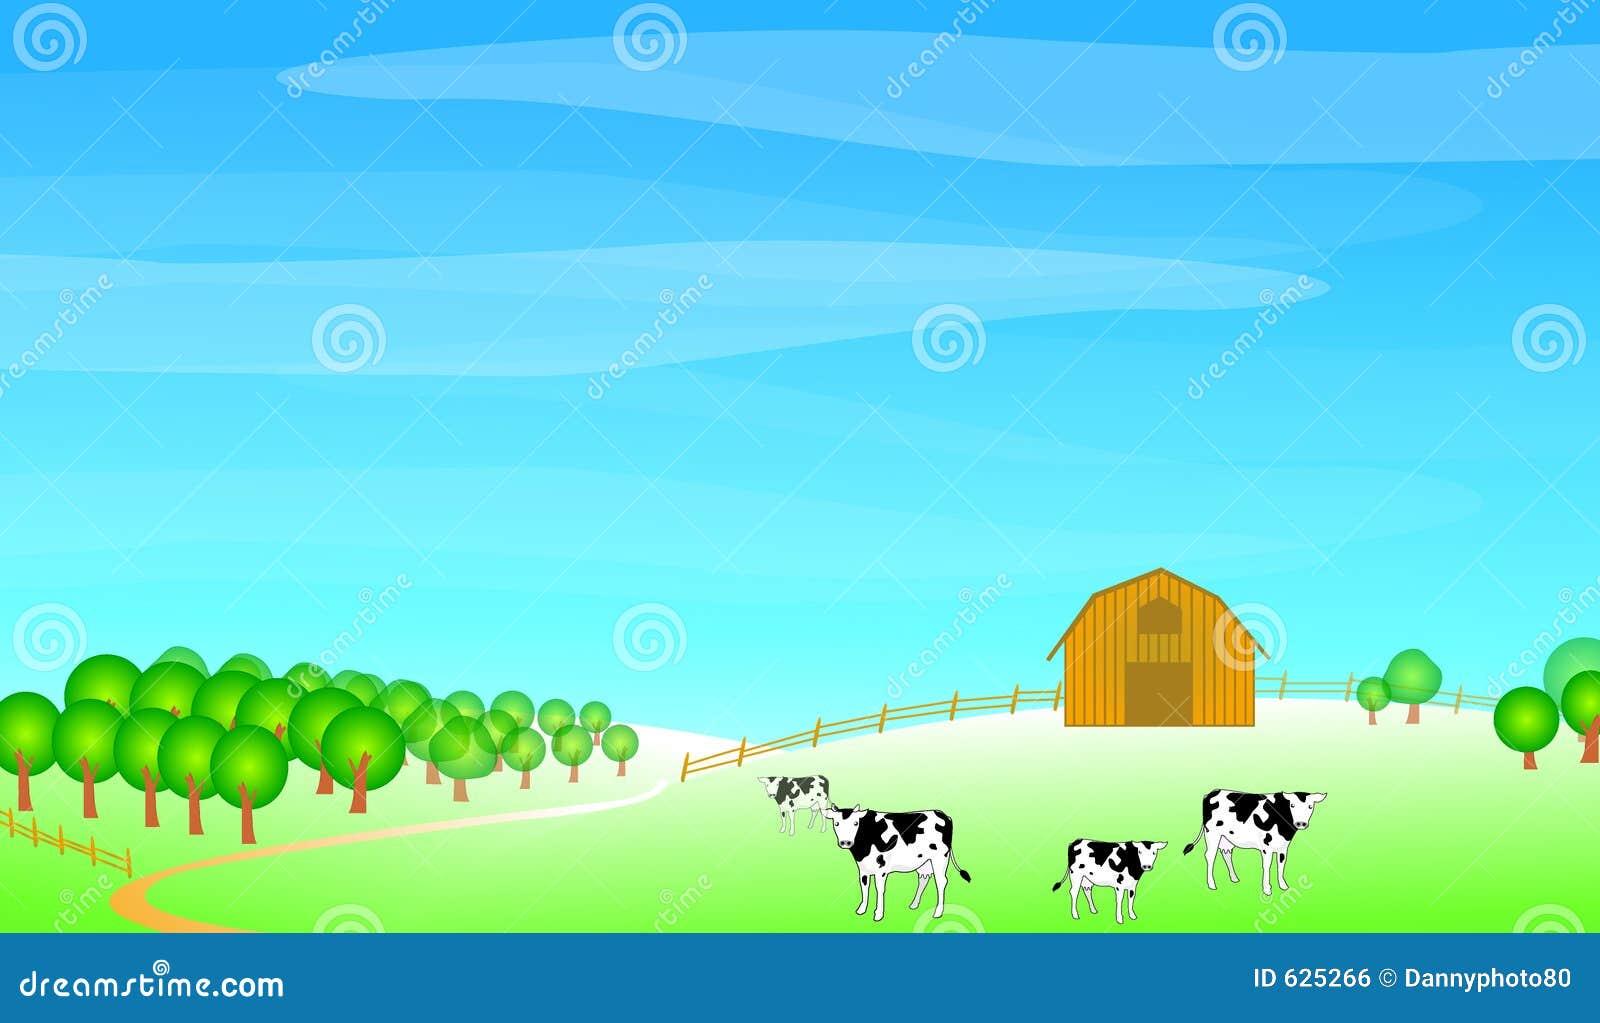 Ilustração da cena da exploração agrícola